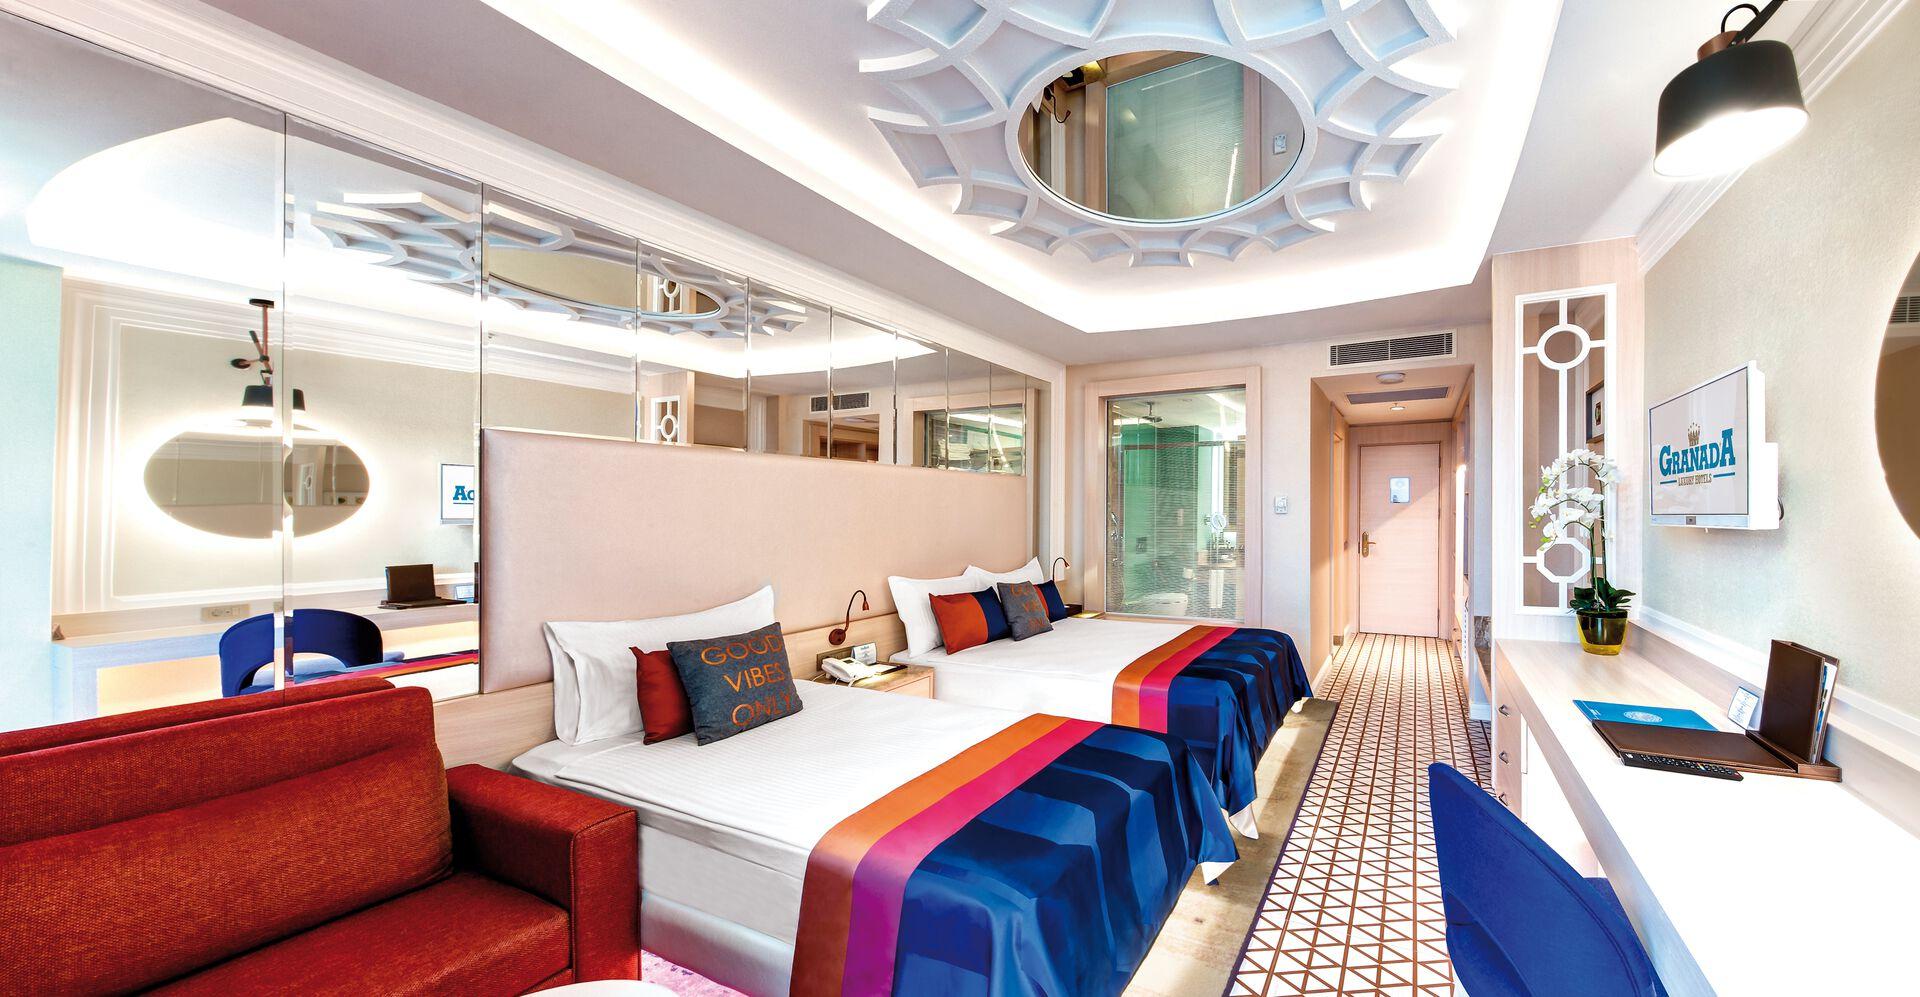 Turquie - Belek - Hôtel Granada Luxury Belek 5*